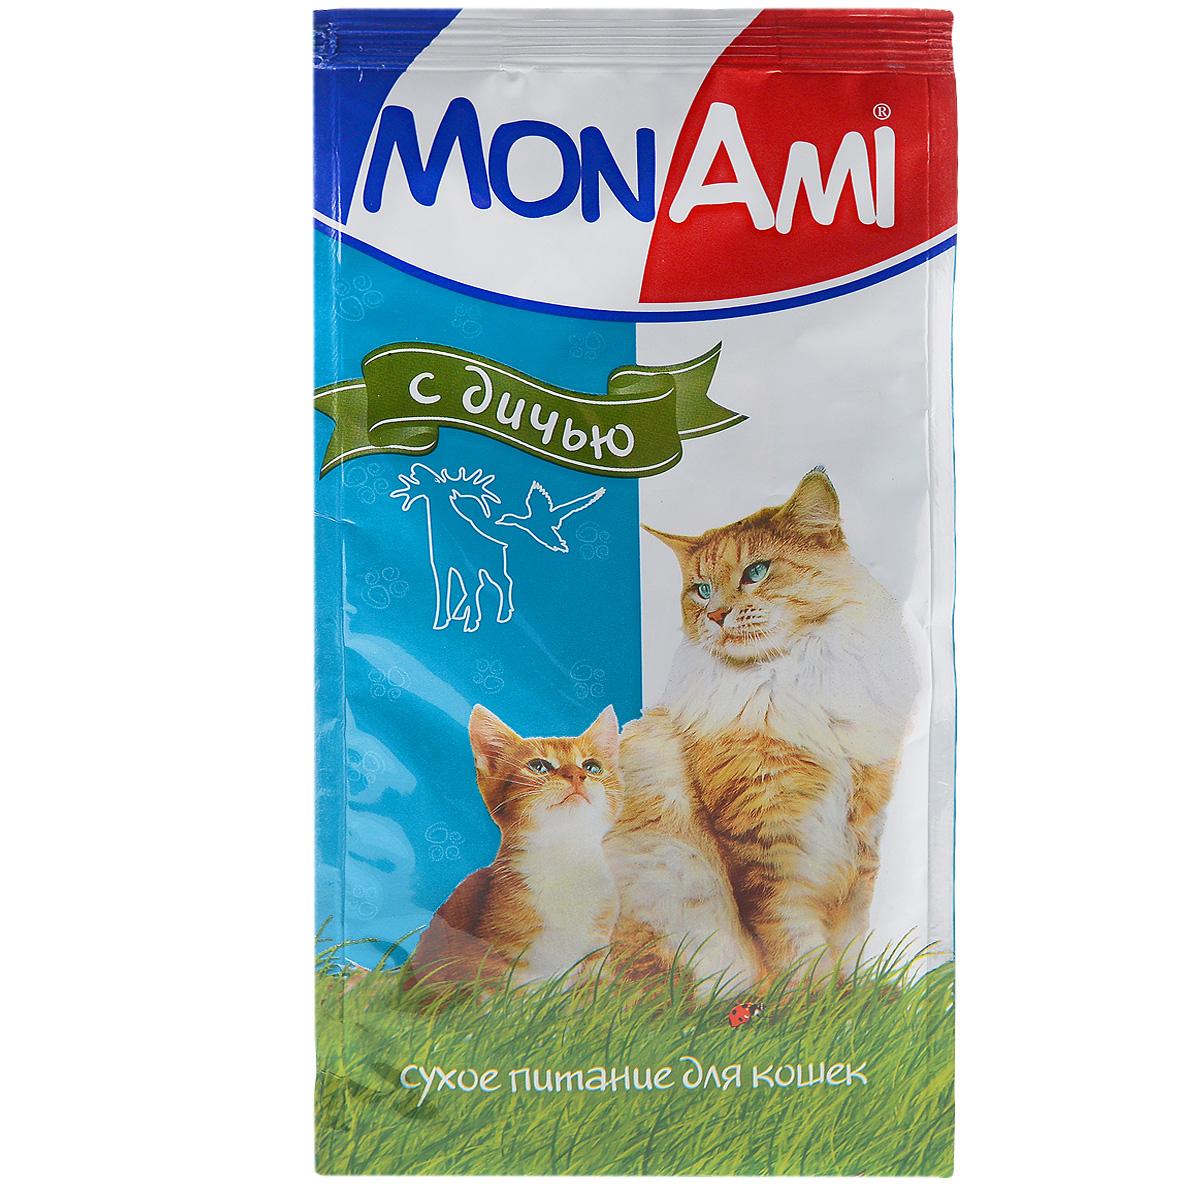 Корм сухой для кошек Mon Ami, с дичью, 400 г0120710Сухой корм для кошек Mon Ami - это полноценное сбалансированное питание для кошек, разработанное с использованием современных технологий. Особенности рациона: Необходимое сочетание ингредиентов для достижения правильной усвояемости питательных веществ организмом. Источник линолевой кислоты и правильного уровня витаминов группы В благотворно влияют на кожу и шерсть. Состав: злаки, экстракт белка растительного происхождения, мясо и мясопродукты (в т.ч. дичь), подсолнечное масло, минеральные добавки, пульпа сахарной свеклы (жом), витамины, пивные дрожжи, антиоксидант. Анализ: сырой протеин 30%, сырой жир 10%, сырая зола 7%, сырая клетчатка 2,5%, влажность 10%, фосфор 0,9%, кальций 1,05%, витамин А 5000 МЕ/кг, витамин Д 500 МЕ/кг, витамин Е 30 мг/кг. Энергетическая ценность: 333 ккал/100 г. Товар сертифицирован.